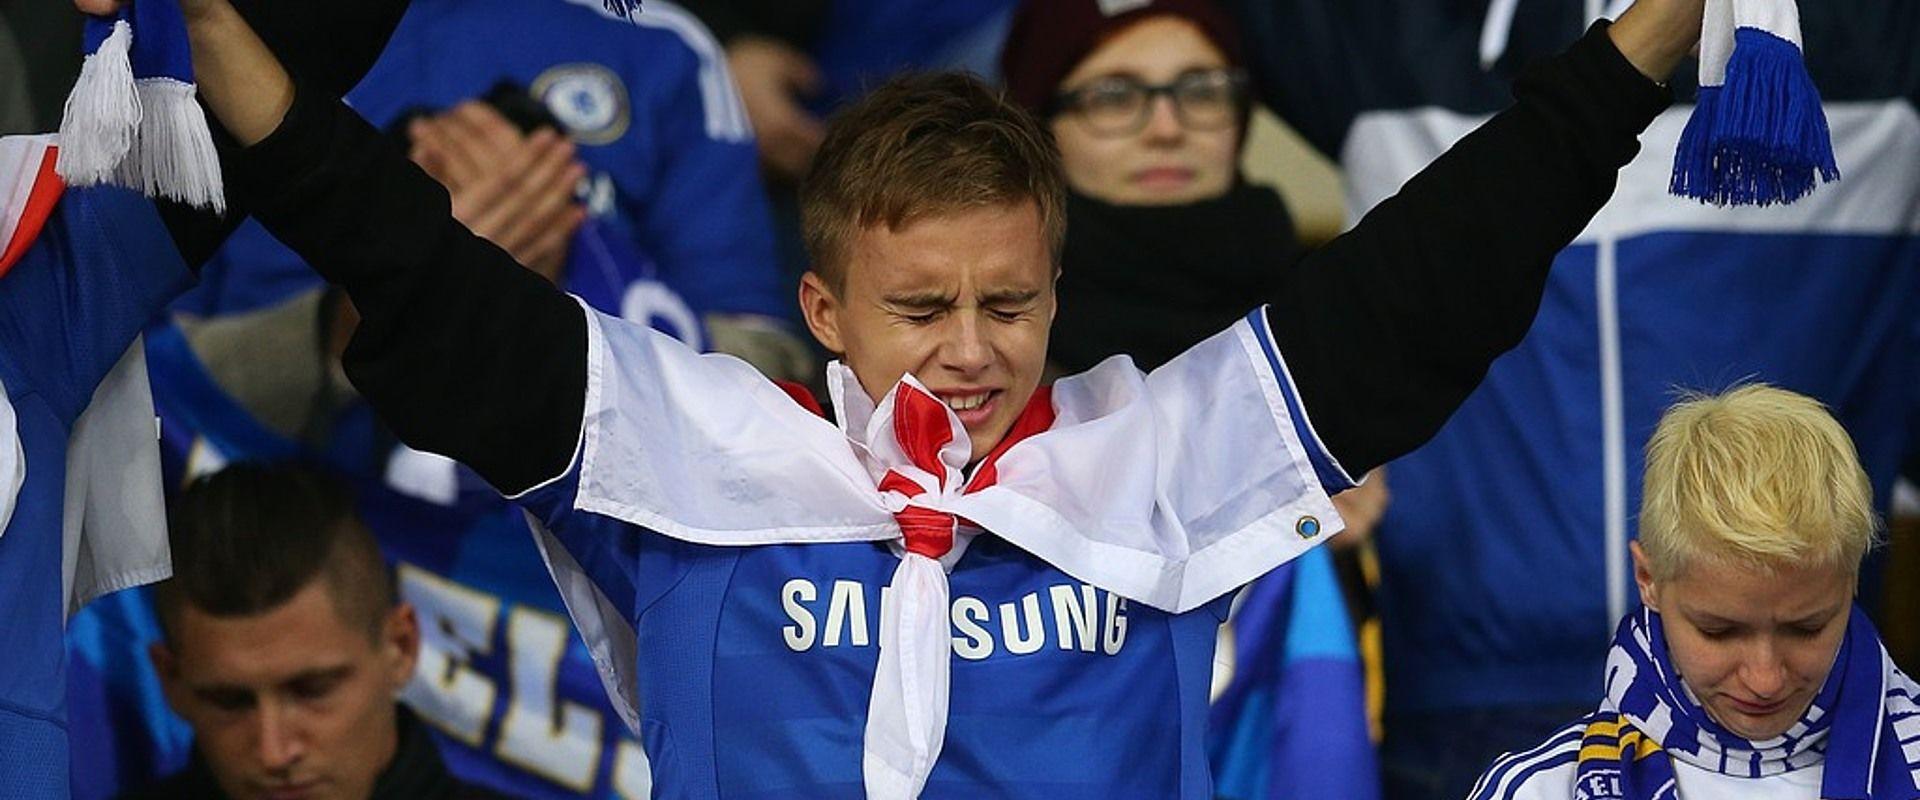 FC Chelsea fan